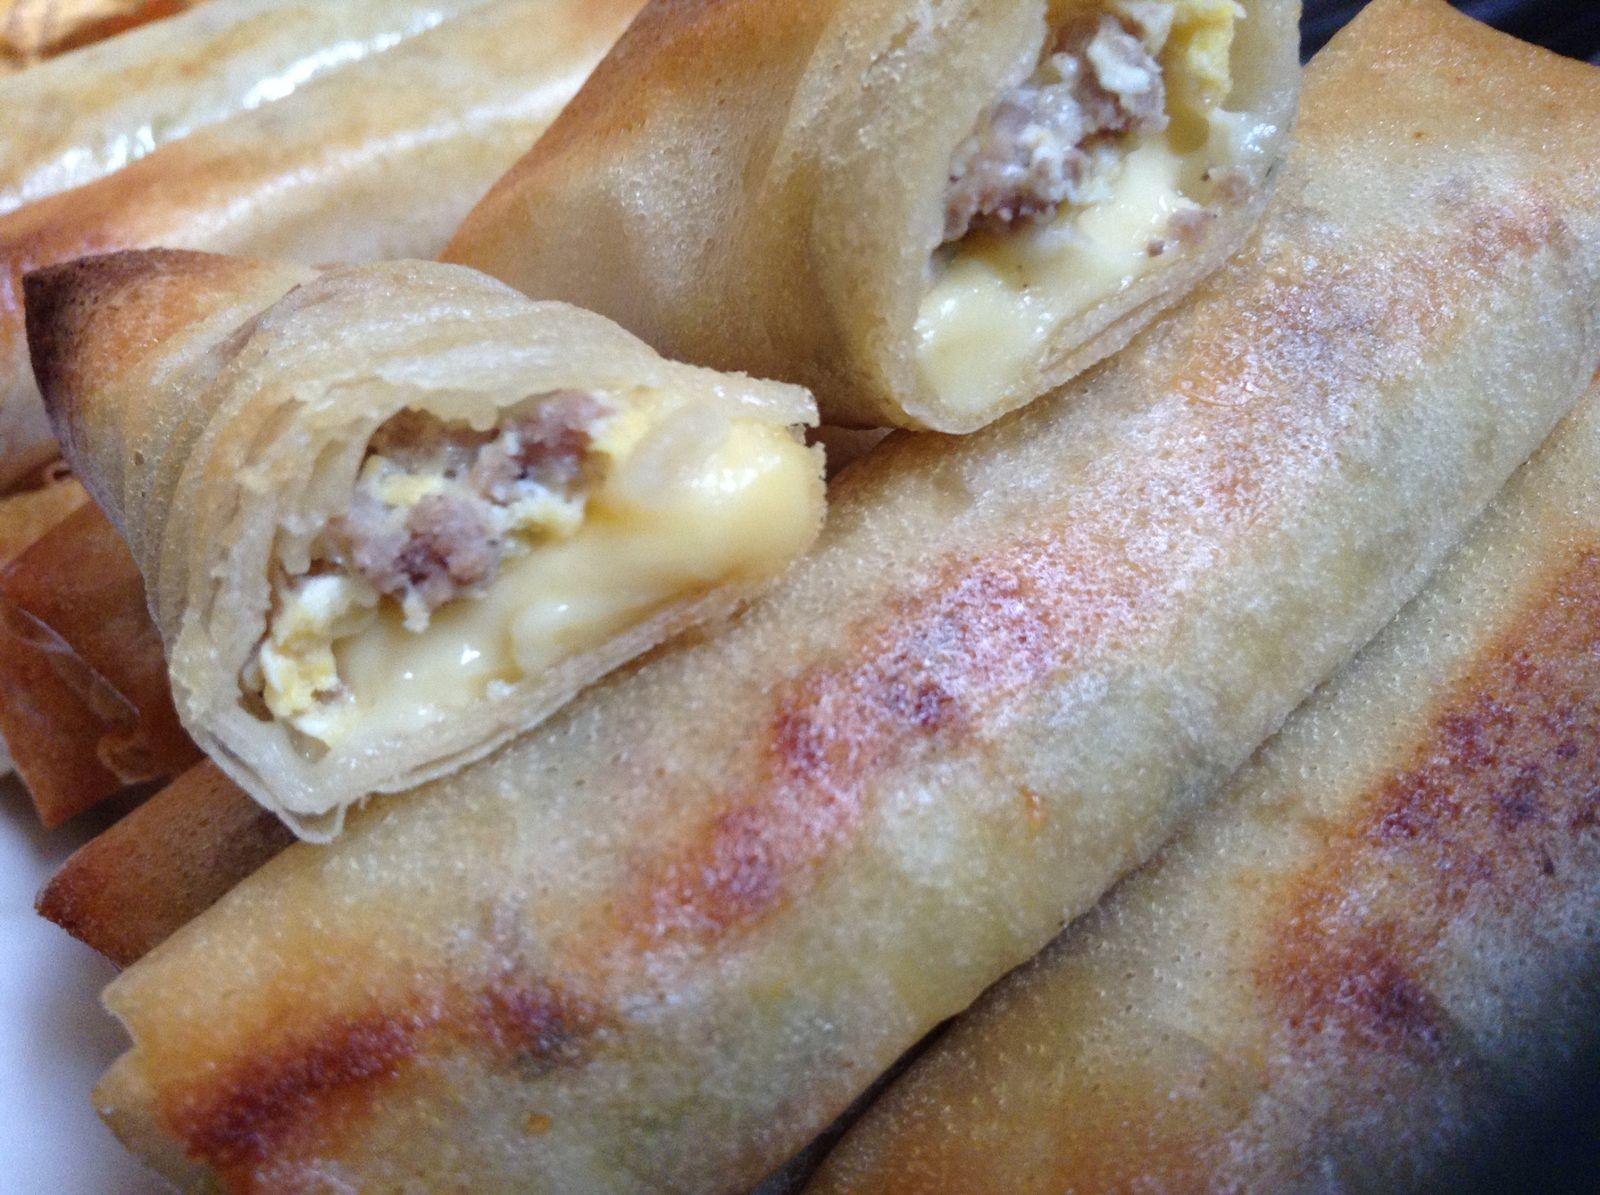 Bourek à la viande hachée et fromage au four&quot&#x3B; pour Ramadan&quot&#x3B;